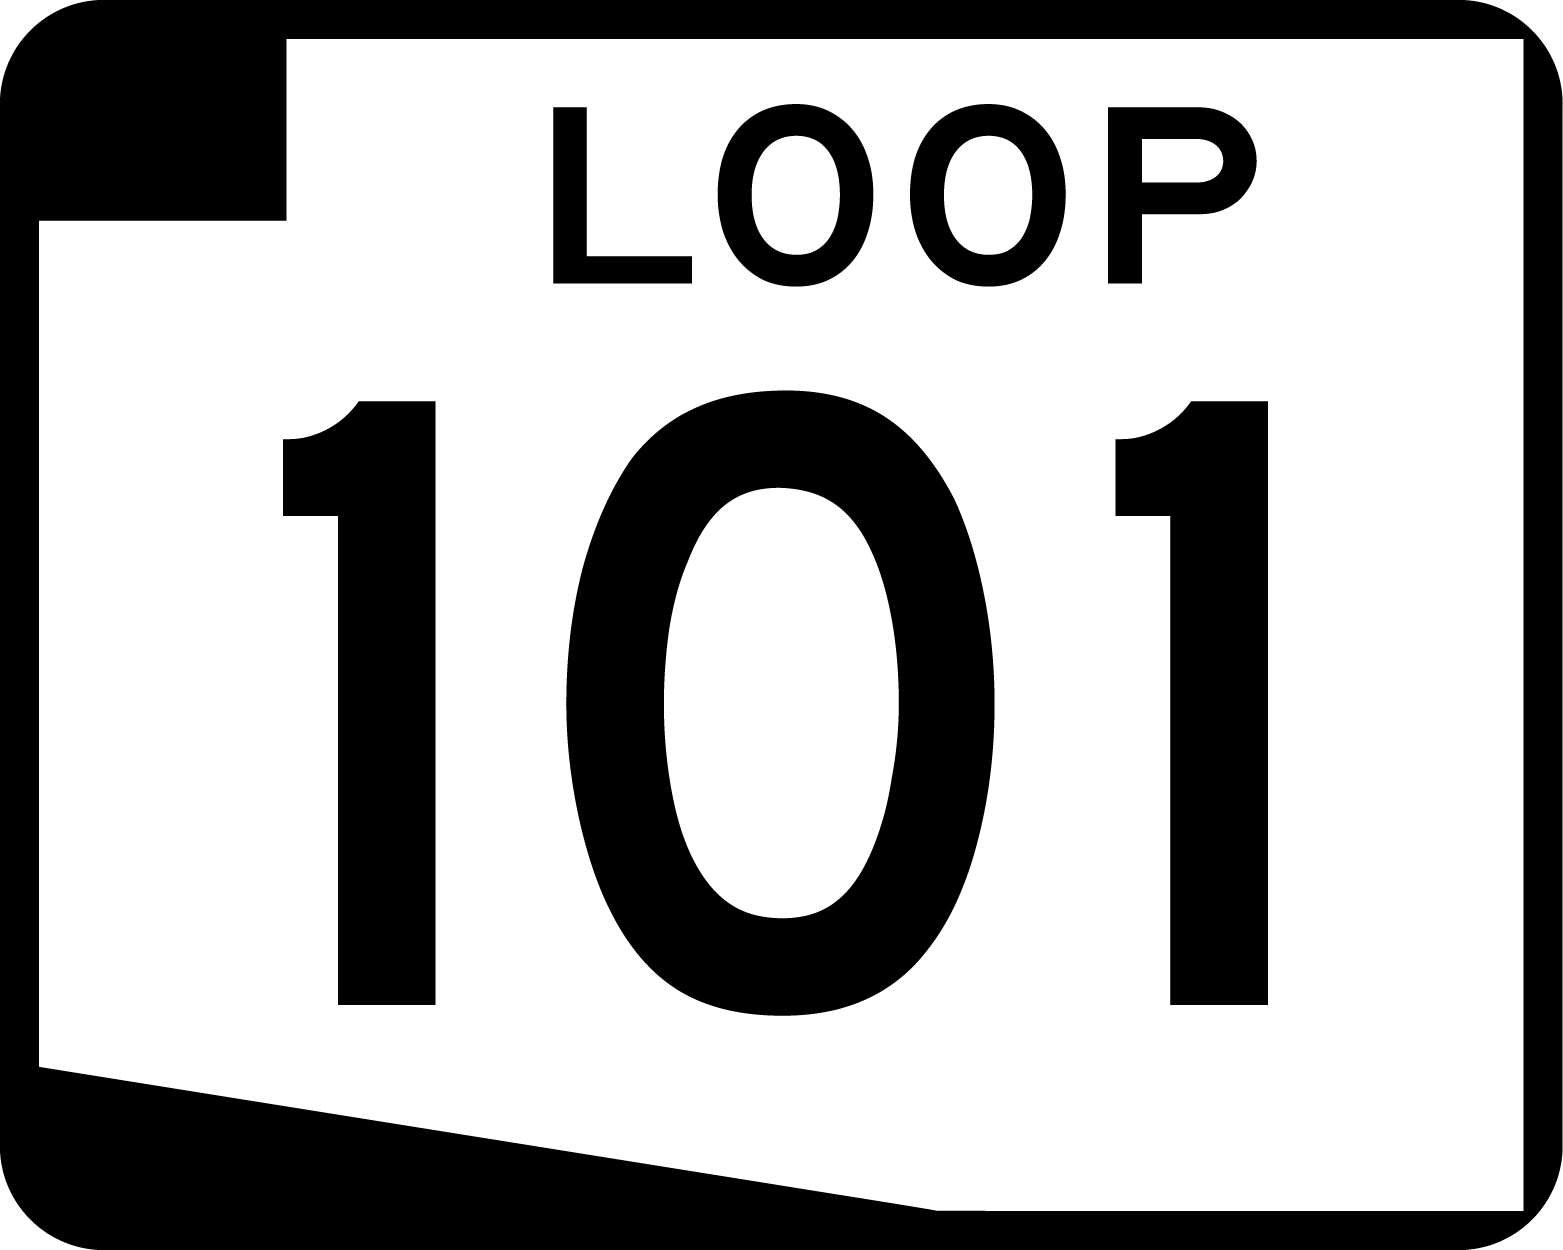 Loop 101